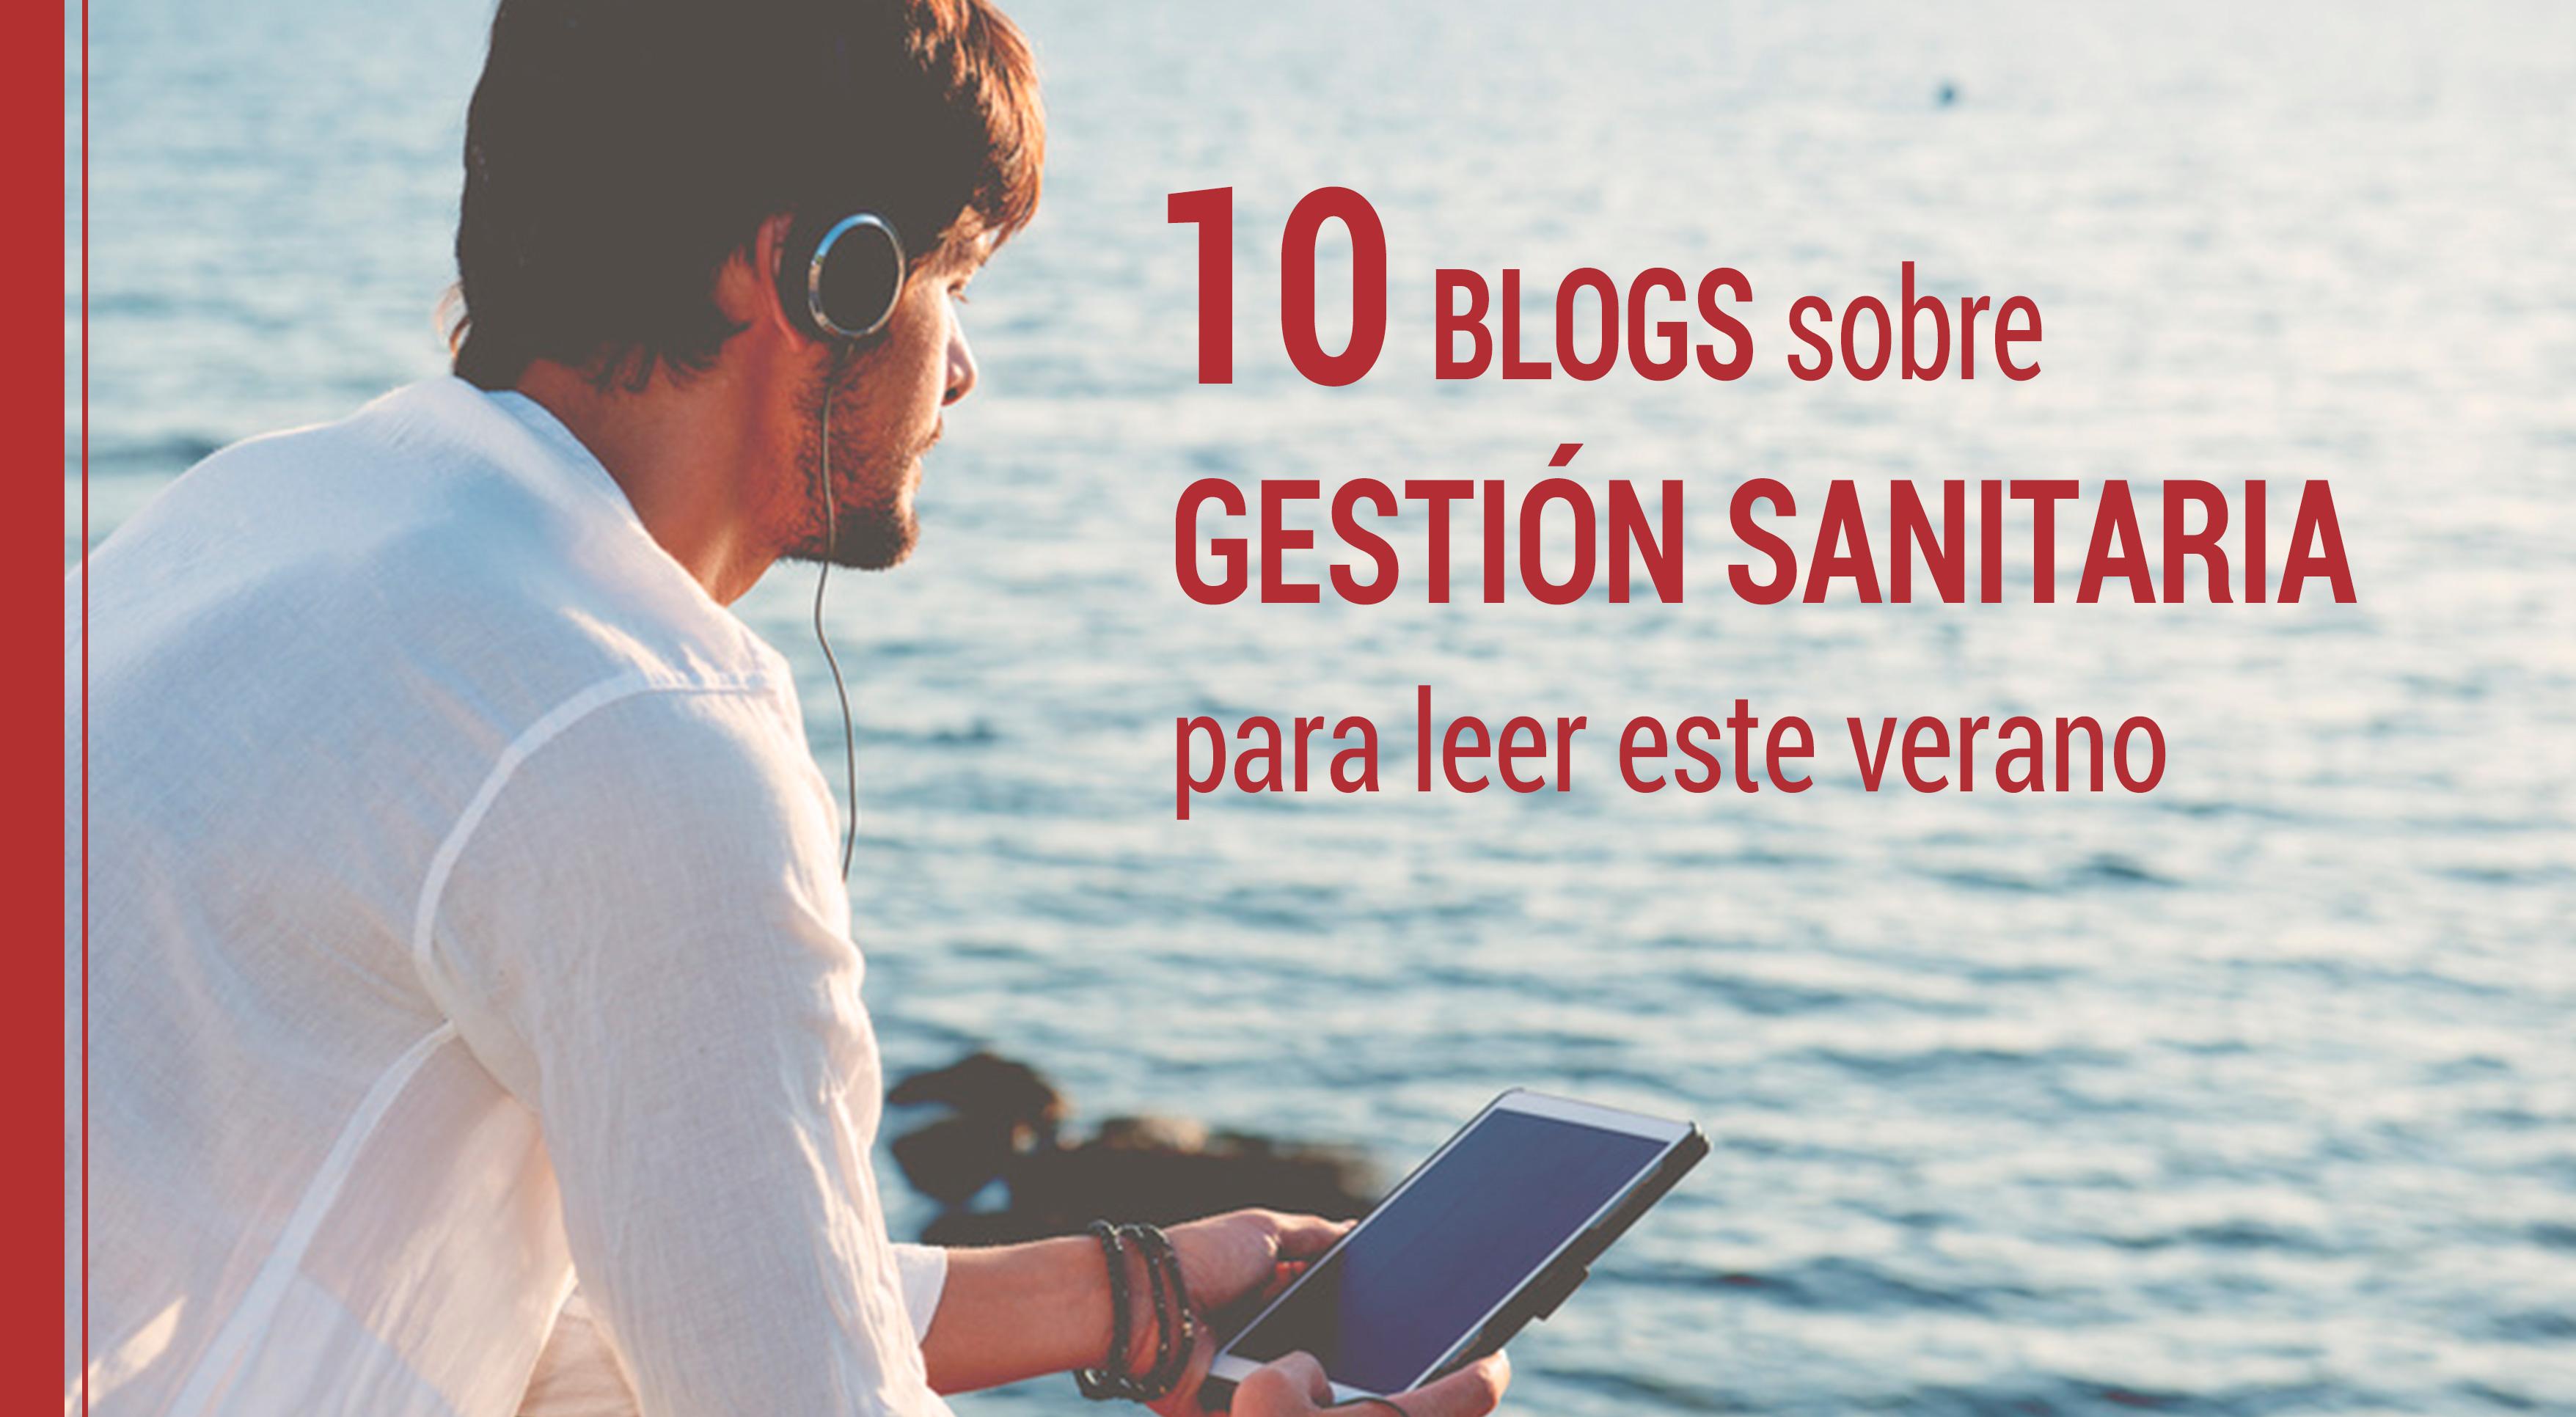 10-mejores-blogs-gestion-sanitaria-verano 10 mejores blogs de gestión sanitaria para leer este verano